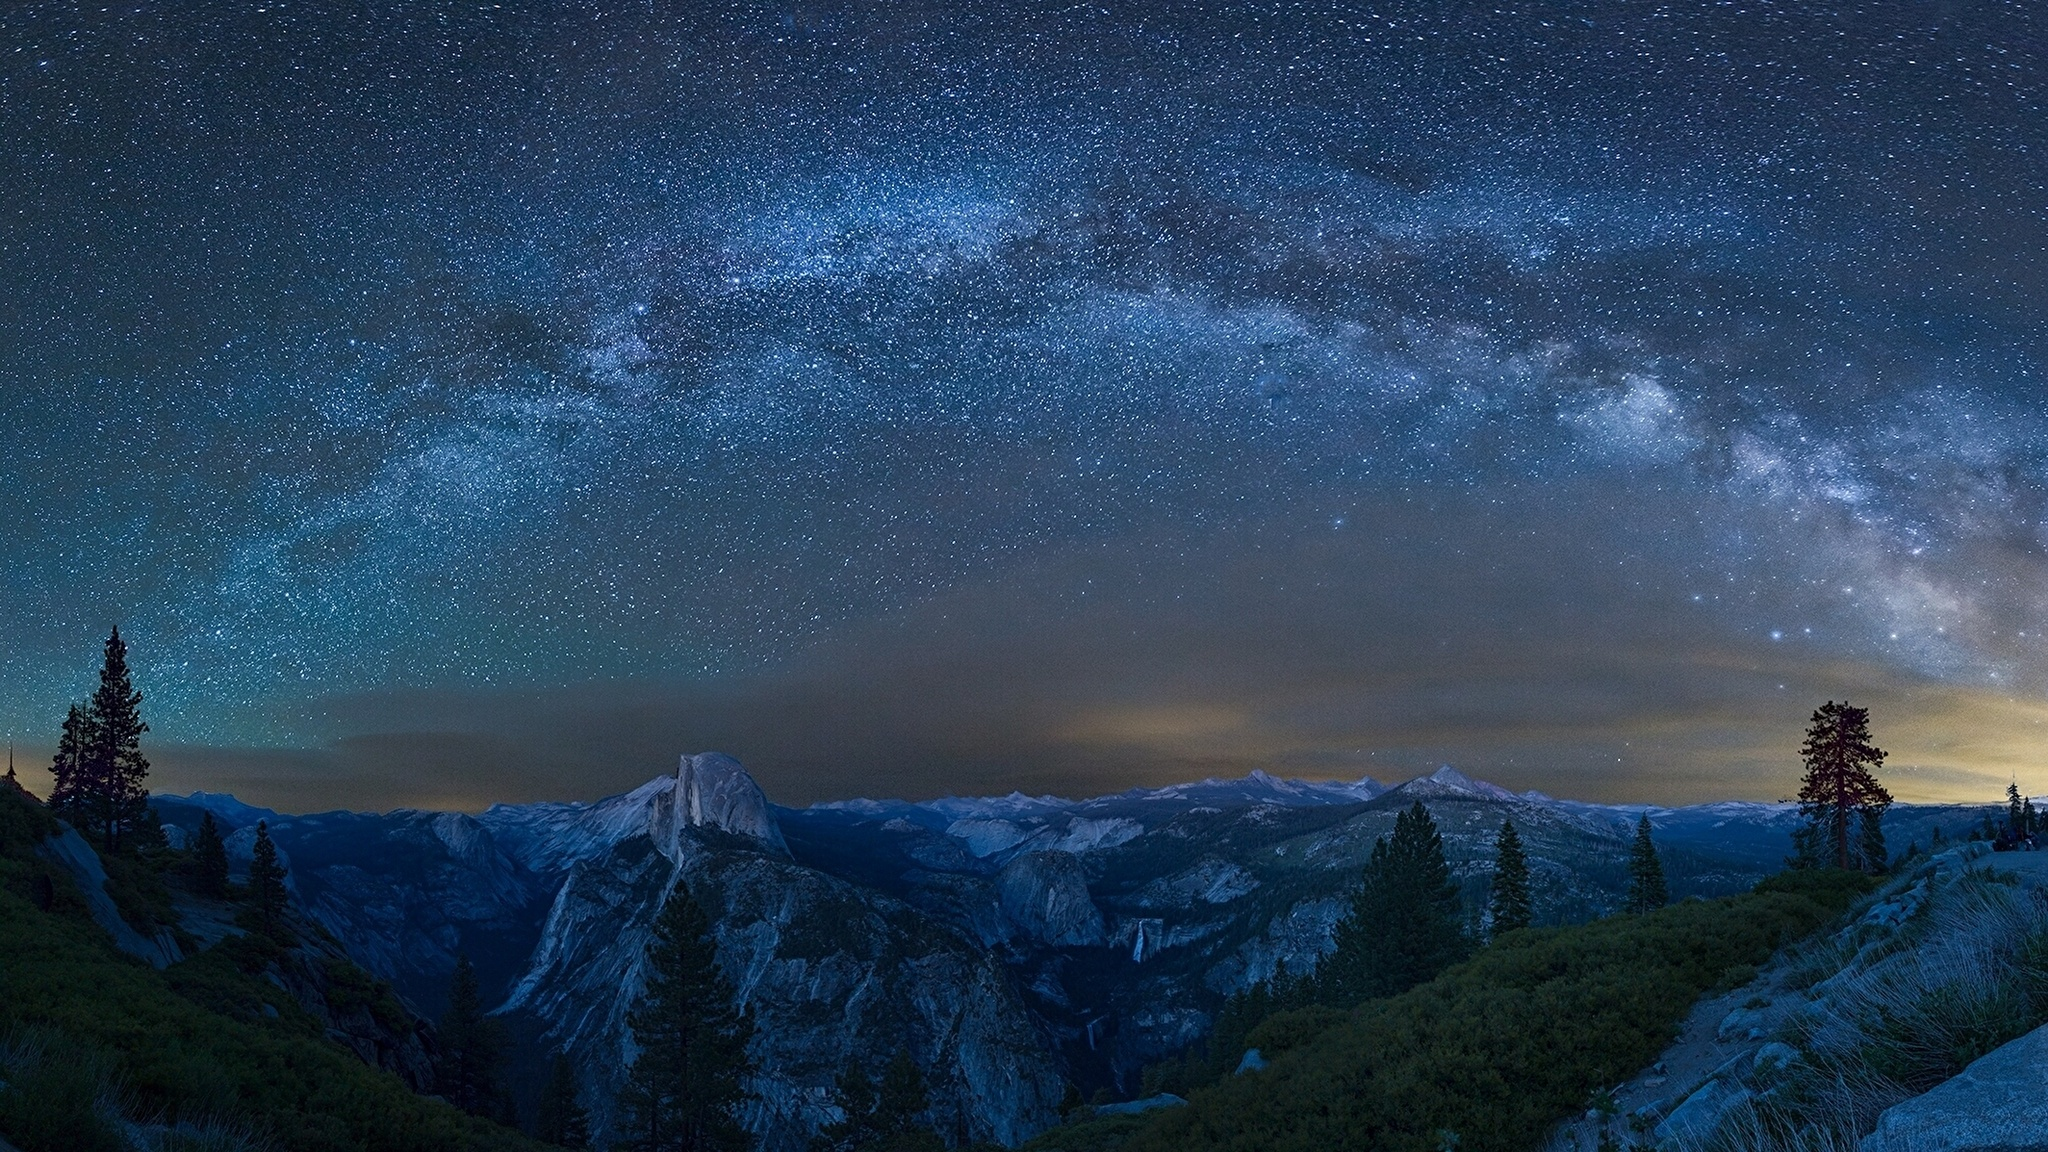 горы высота небо звезды бесплатно